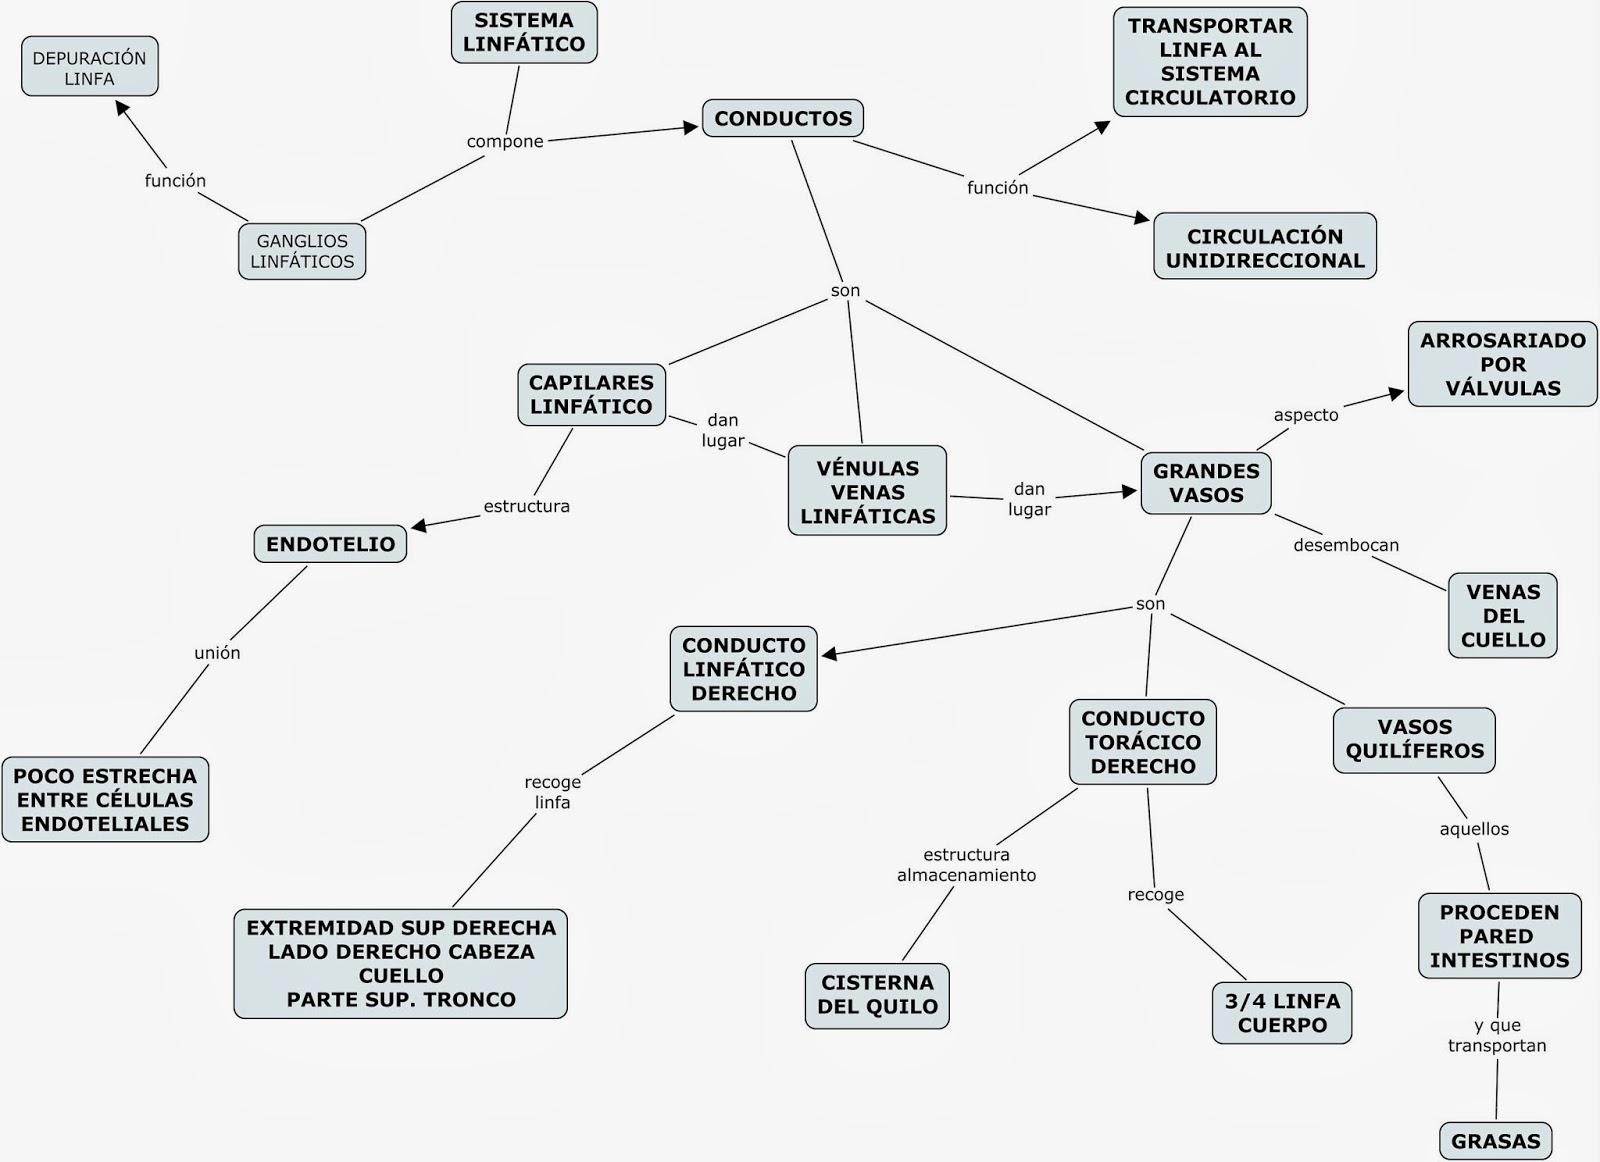 MAPAS CONCEPTUALES (MIND MAPS) y SCIENCE EXPERIMENTS: 02/23/14